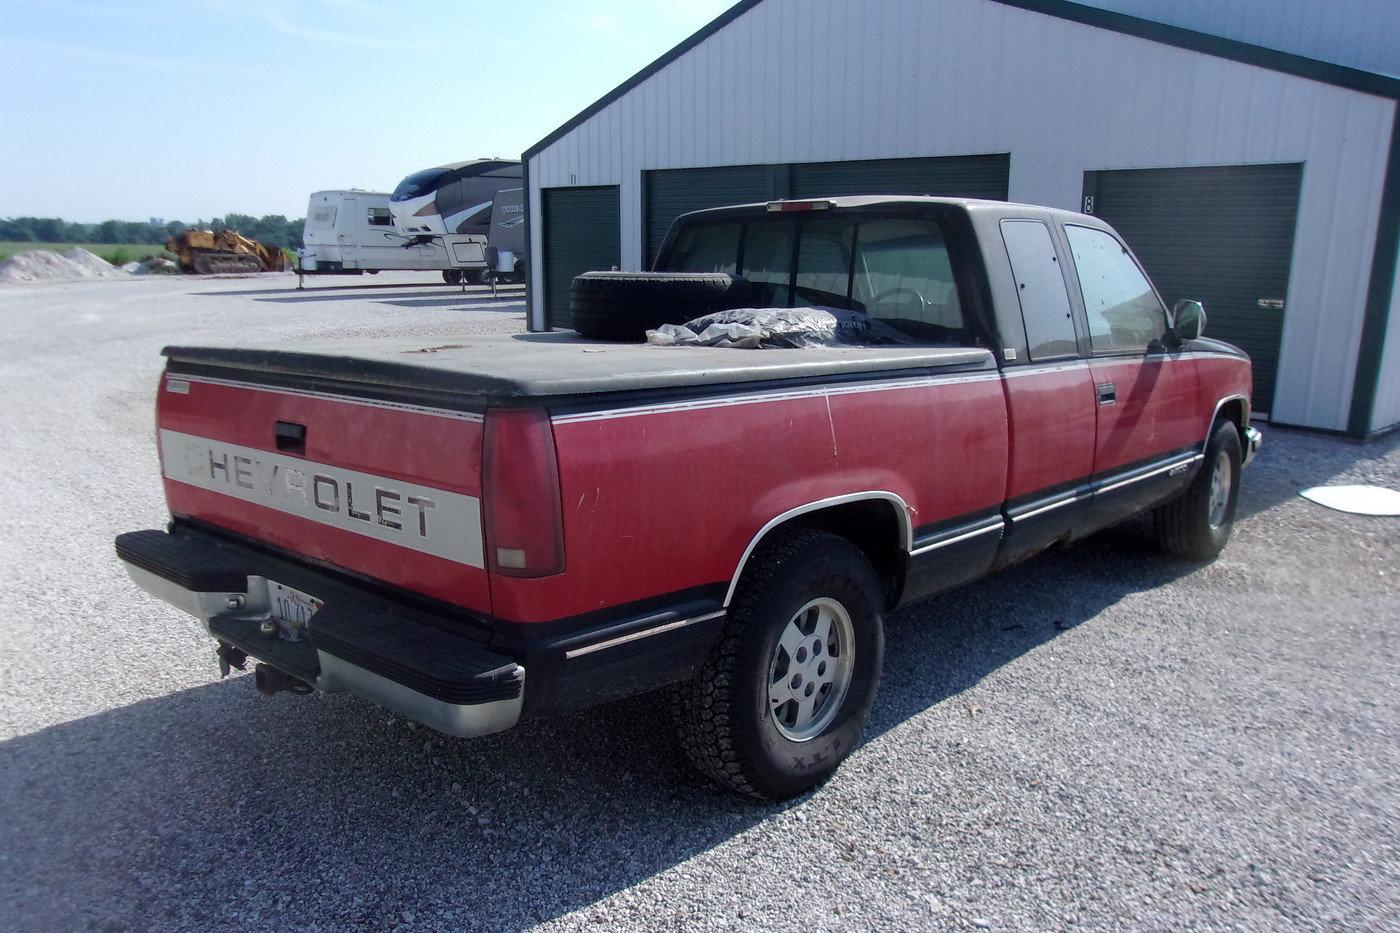 1994 Chevrolet Silverado Pickup $4800 USD For Sale (picture 6 of 6)